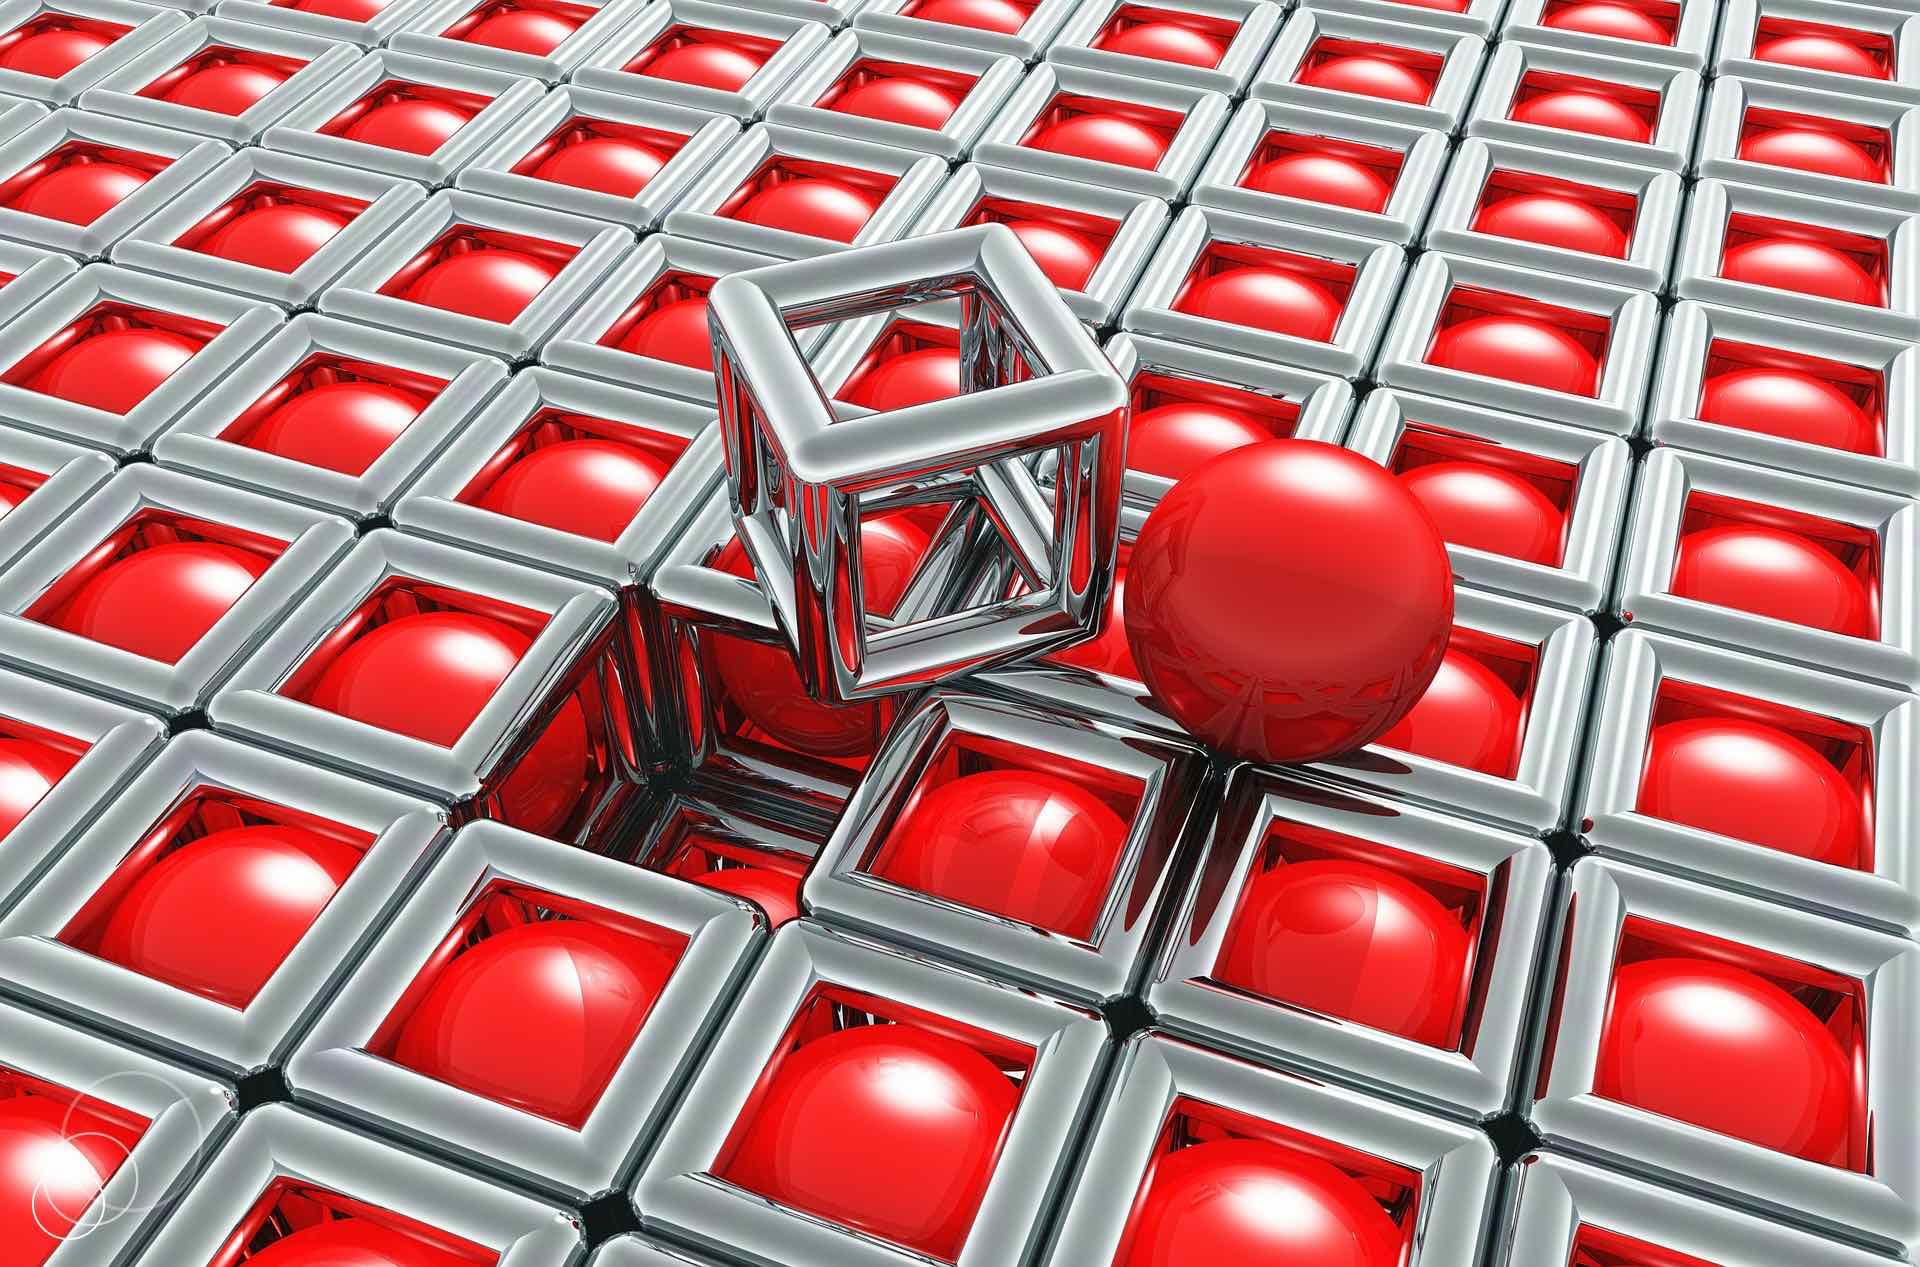 Feld mit silbernen Würfeln, deren Flächen leer sind. In den Würfeln sind rote Kugeln, die durch die freien Flächen sichtbar sind. Ein Würfel ist herausgenommen und liegt auf dem Feld, daneben die rote Kugel